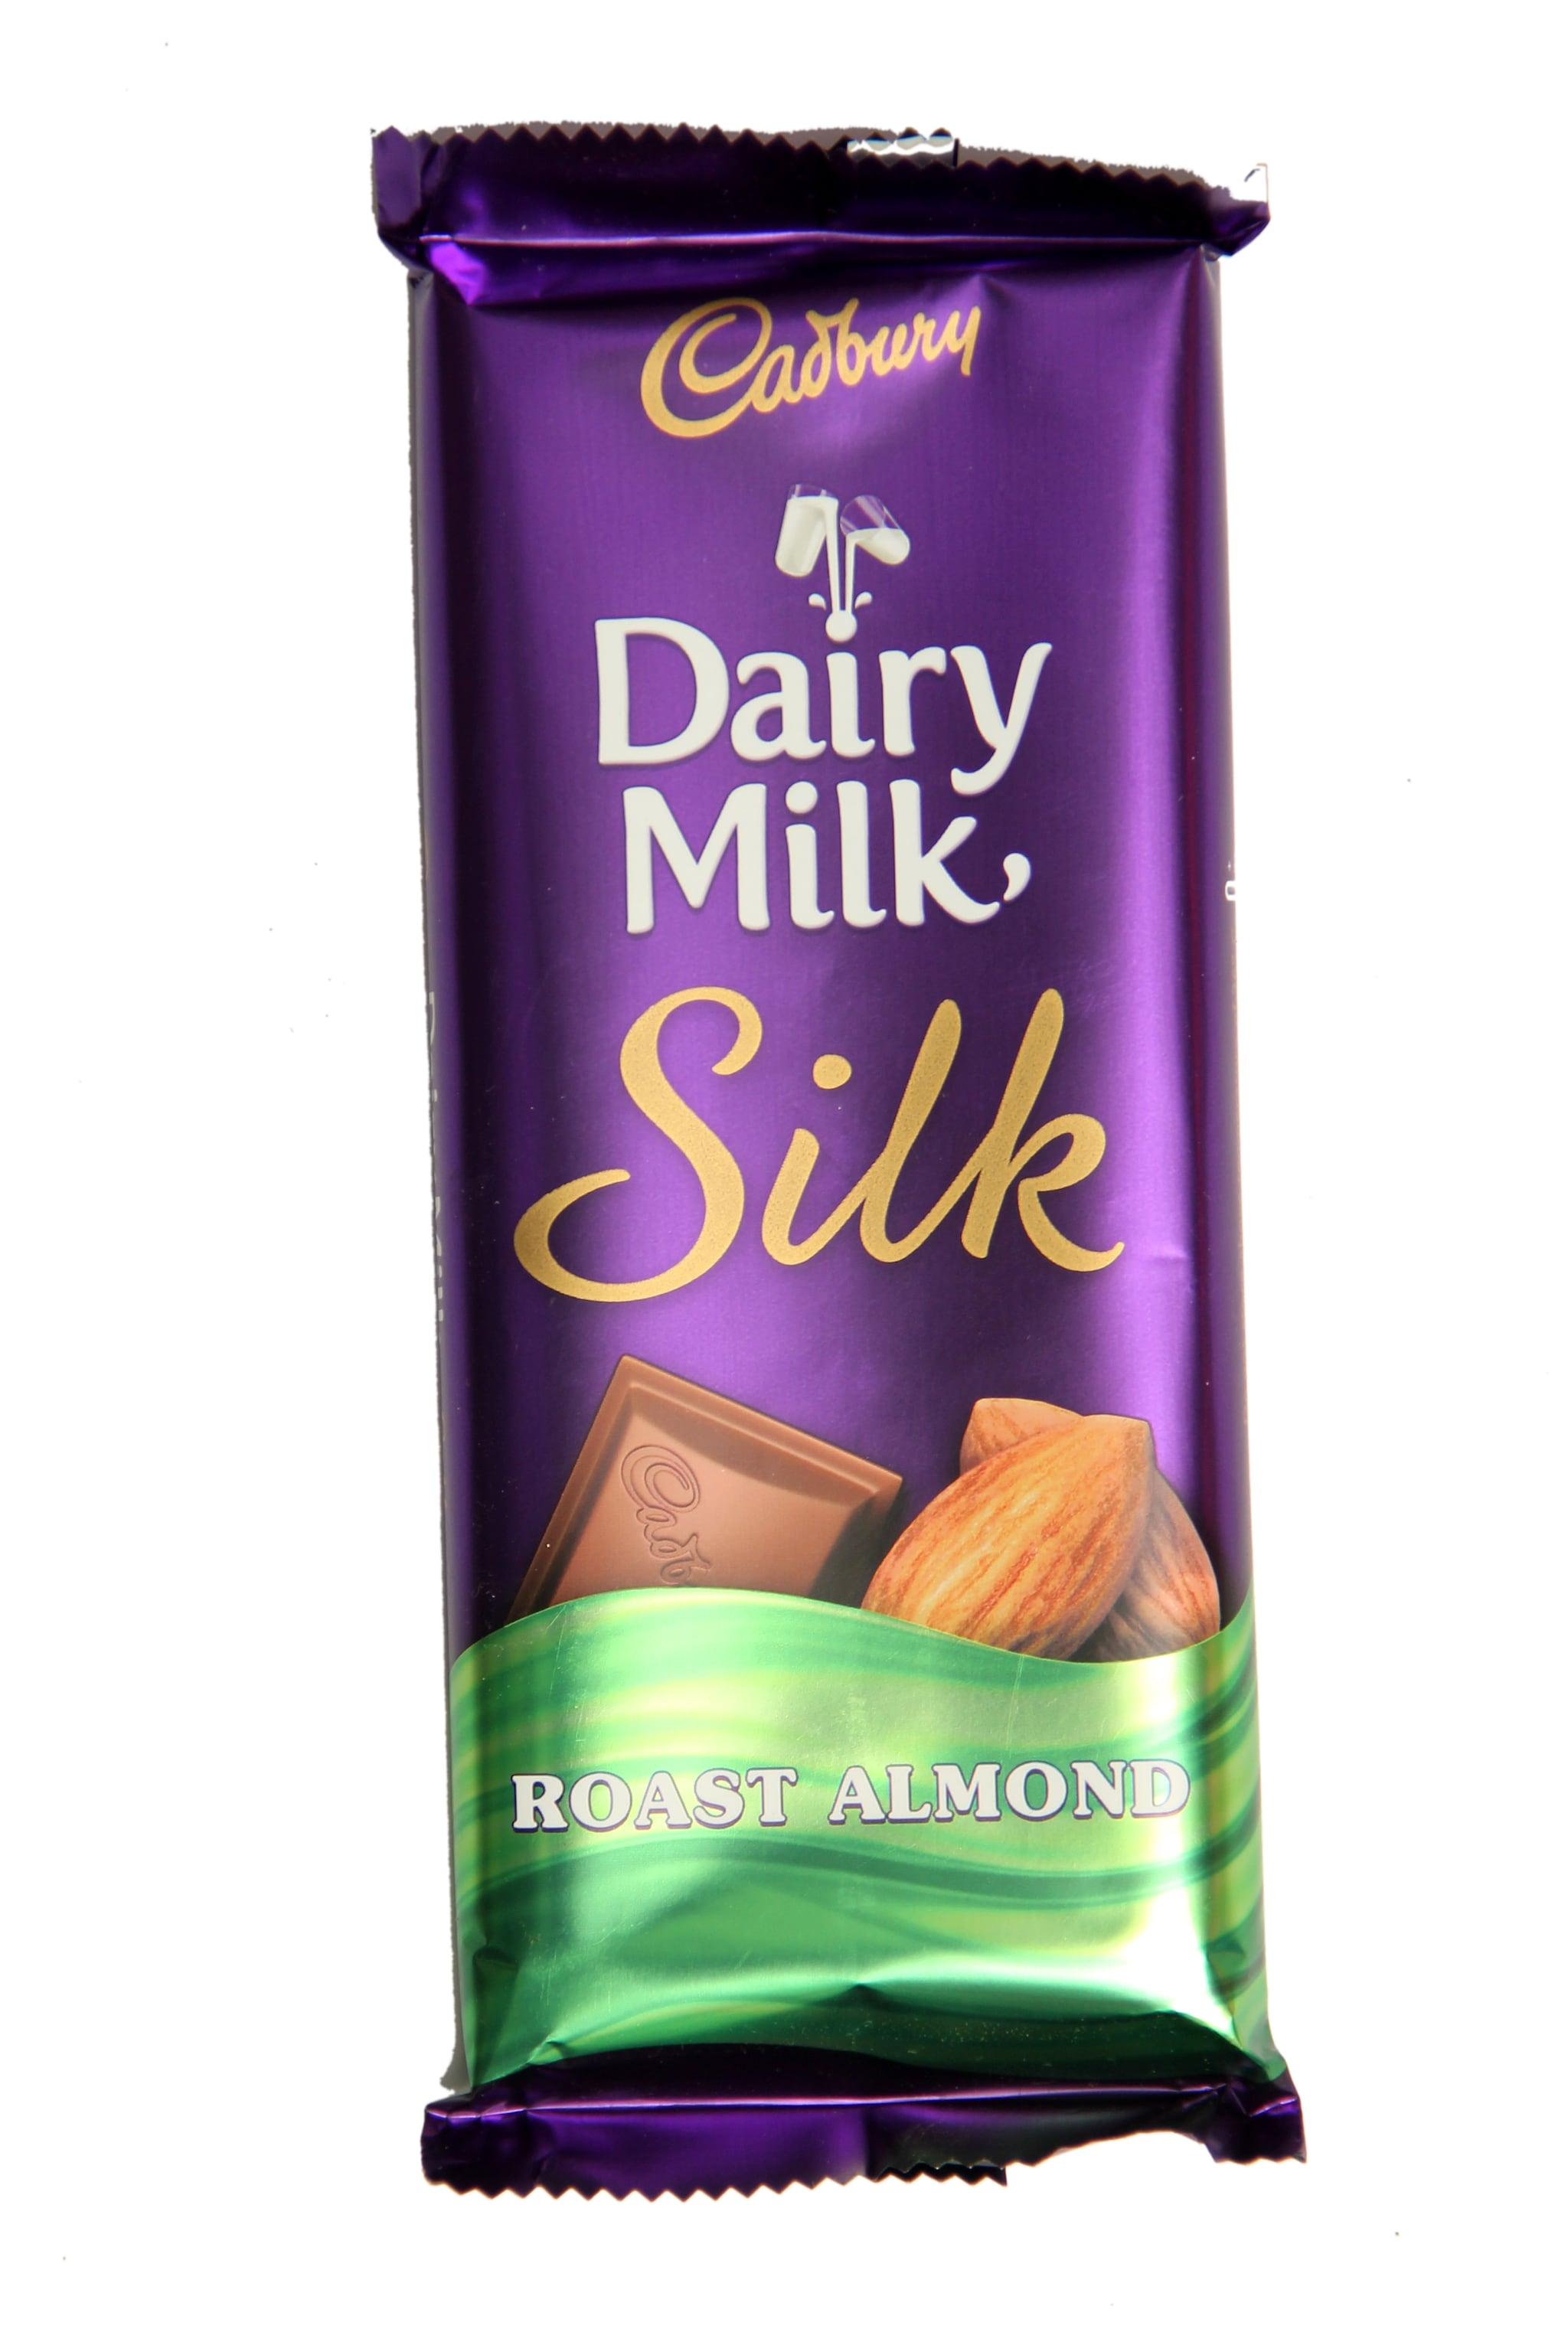 Cadbury Dairy Milk Silk Roast Almond Chocolate - 150 Gm